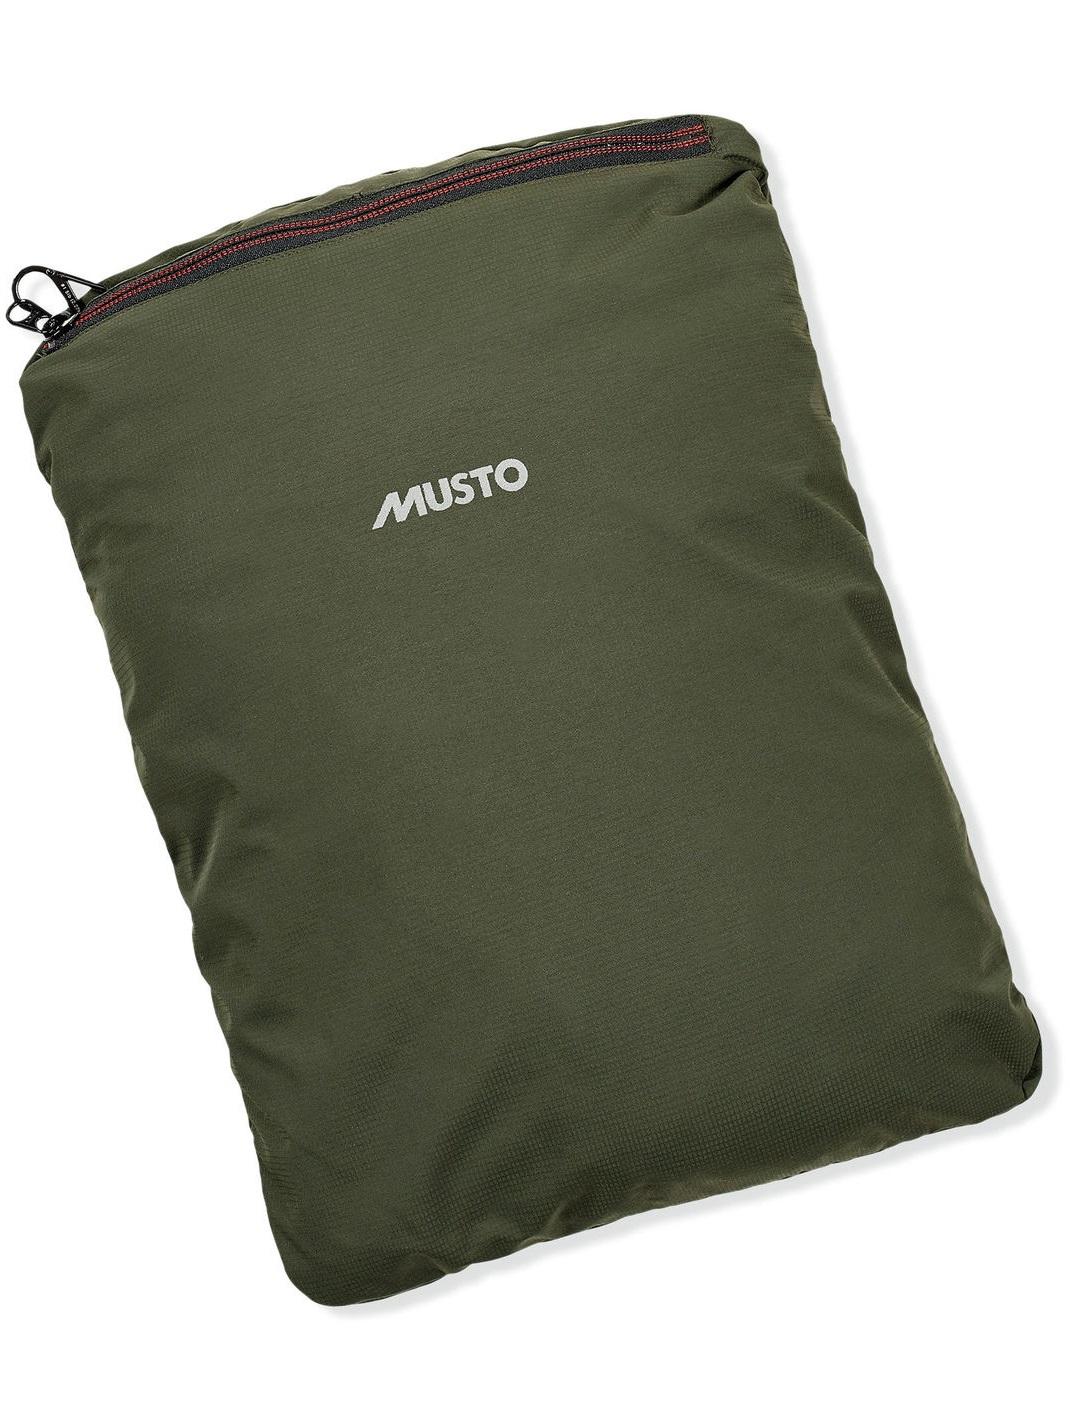 Musto Women/'s Fenland BR2 Packaway Jacket Dark Moss